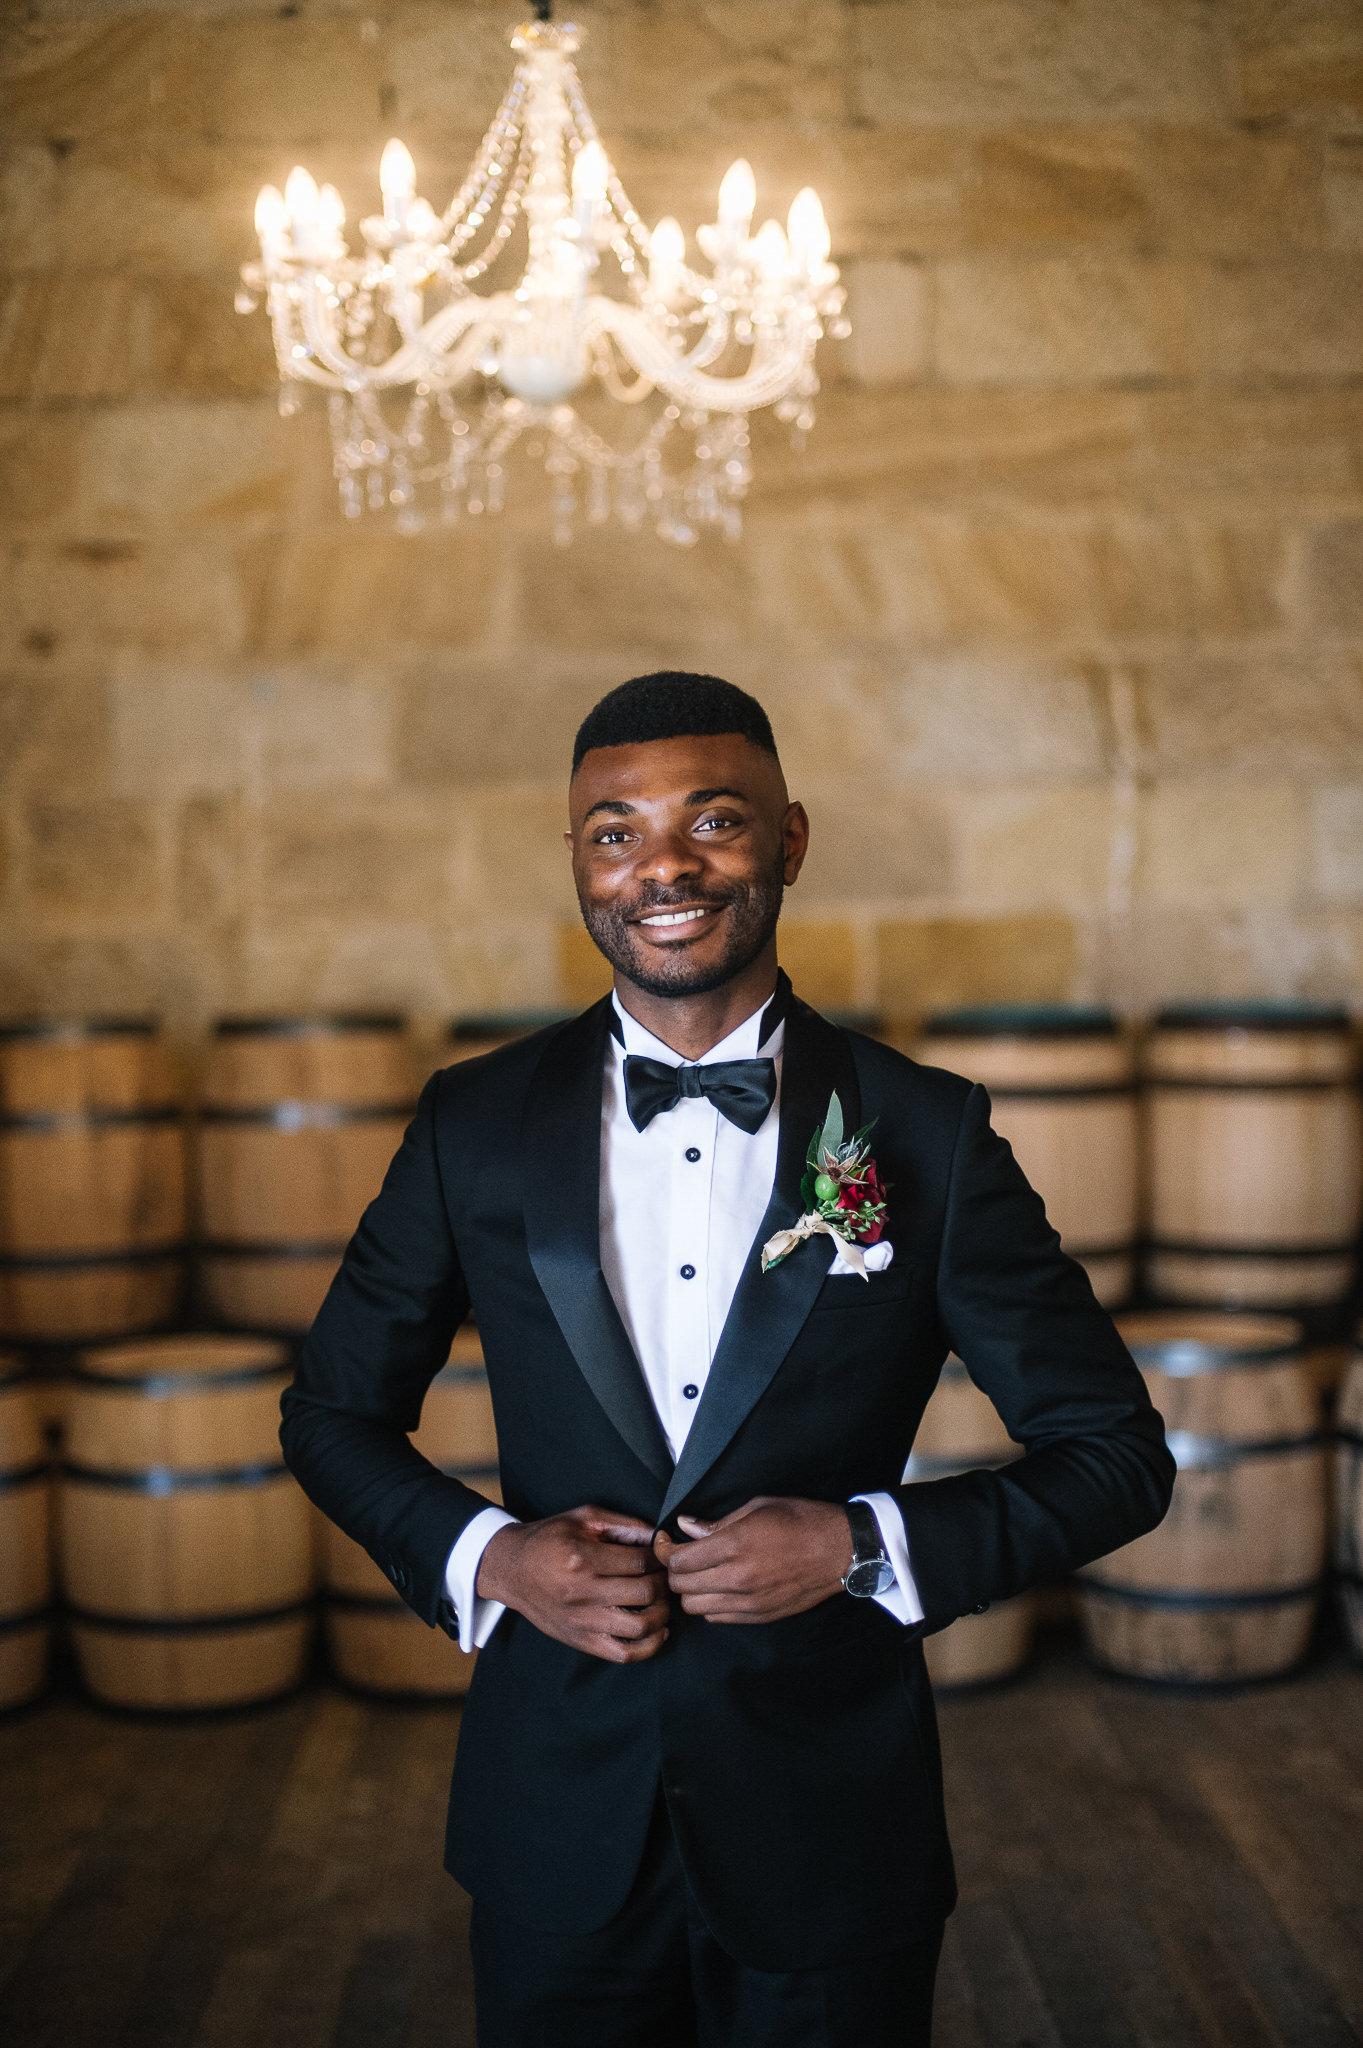 05_Shene_Estate_wedding_Jonathan_Wherrett.jpg